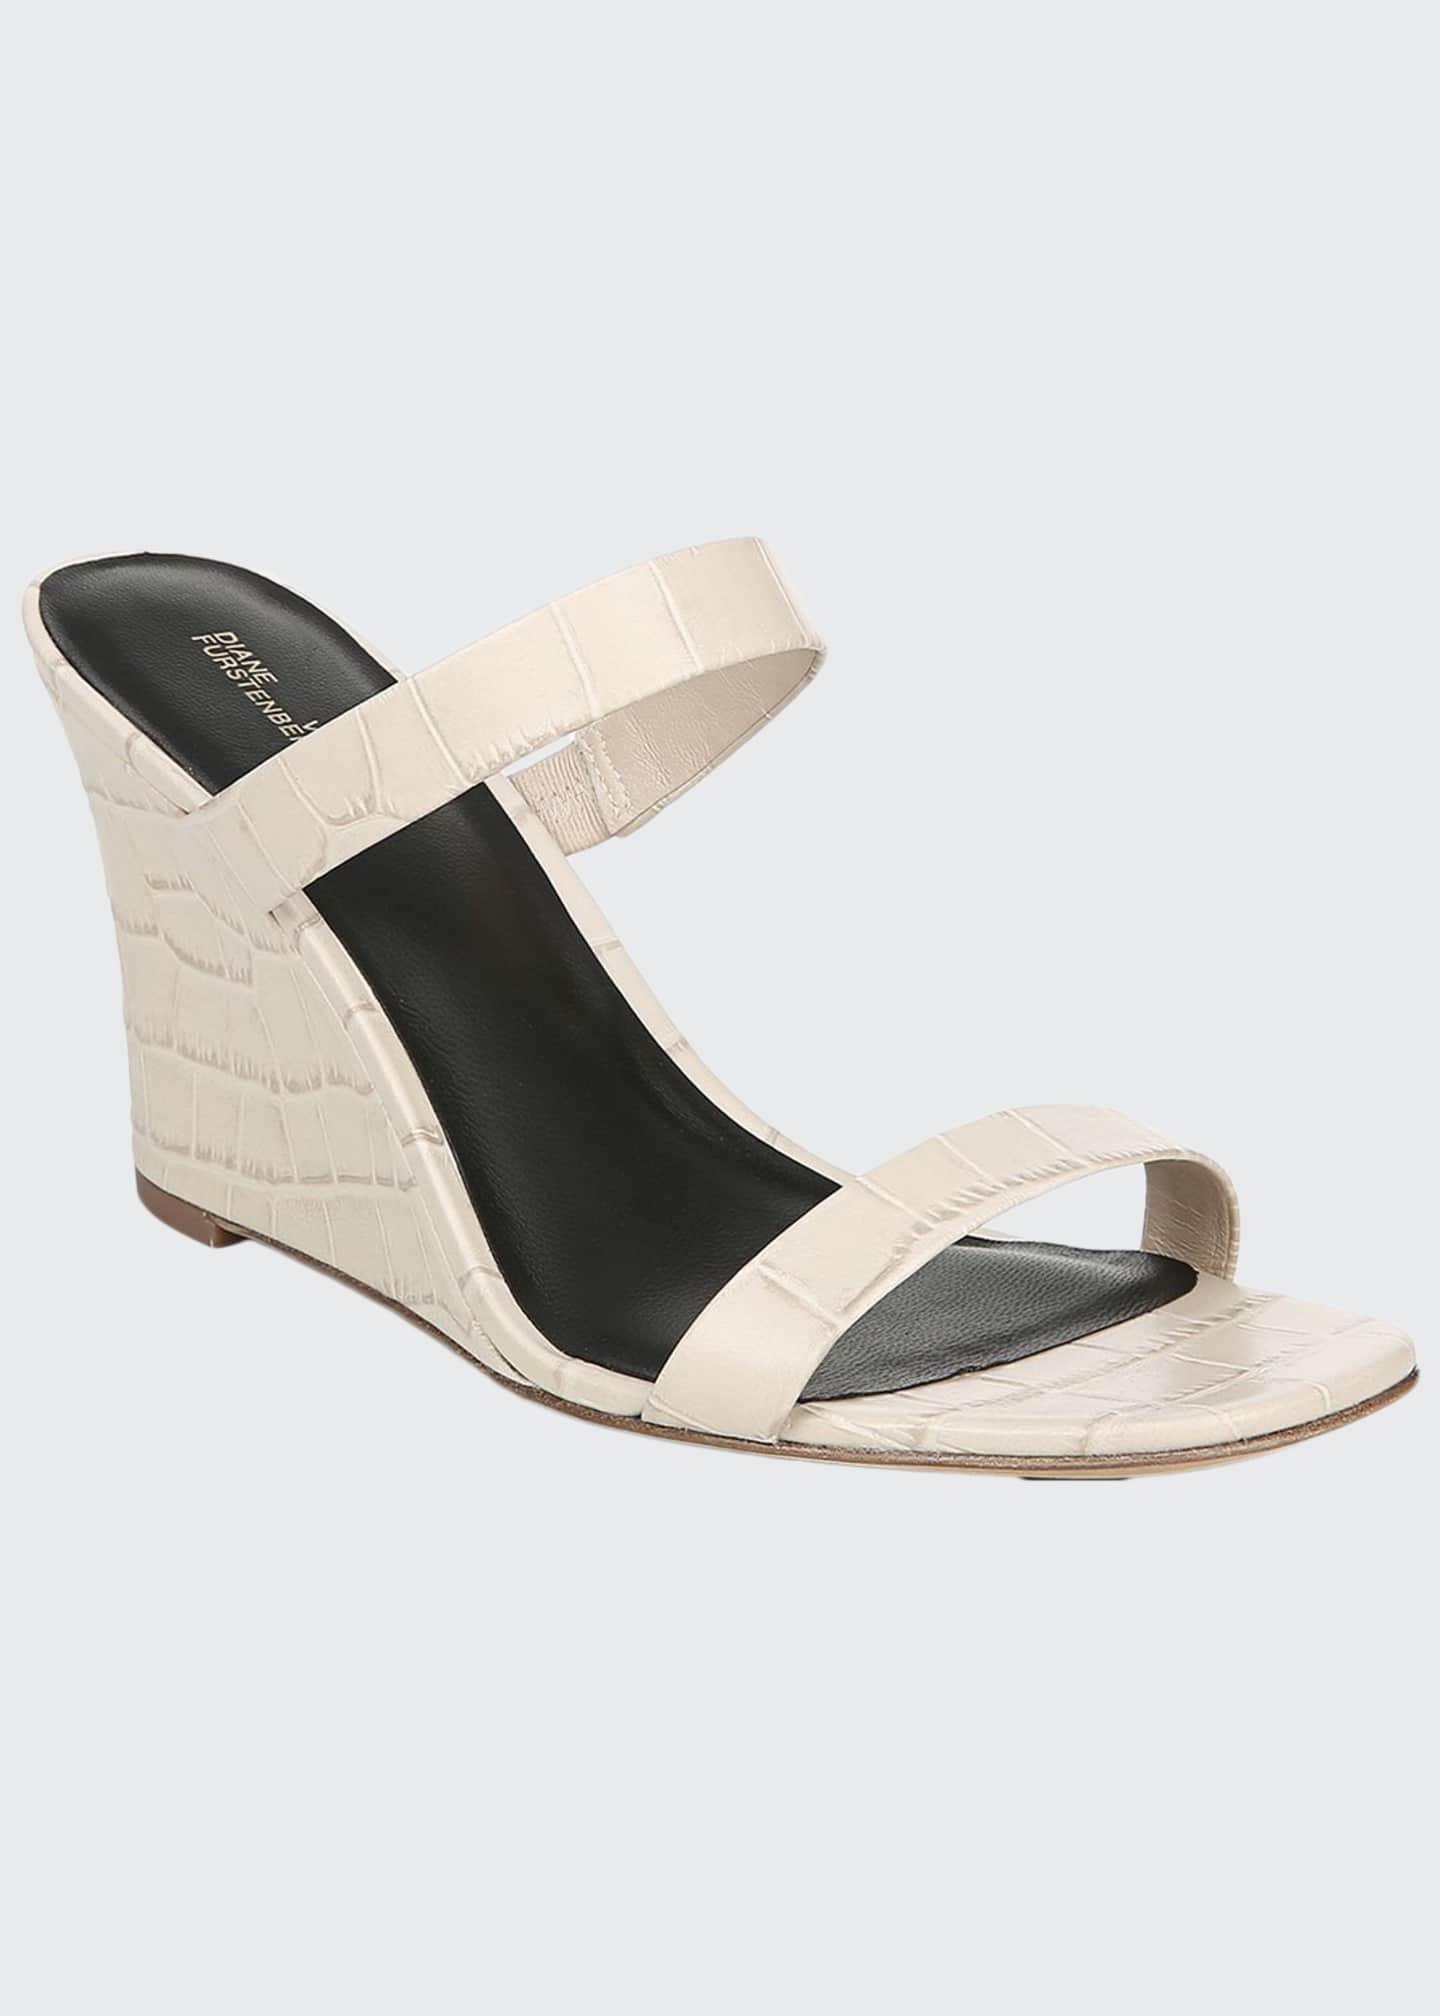 Diane von Furstenberg Vivienne Slide Wedge Sandals